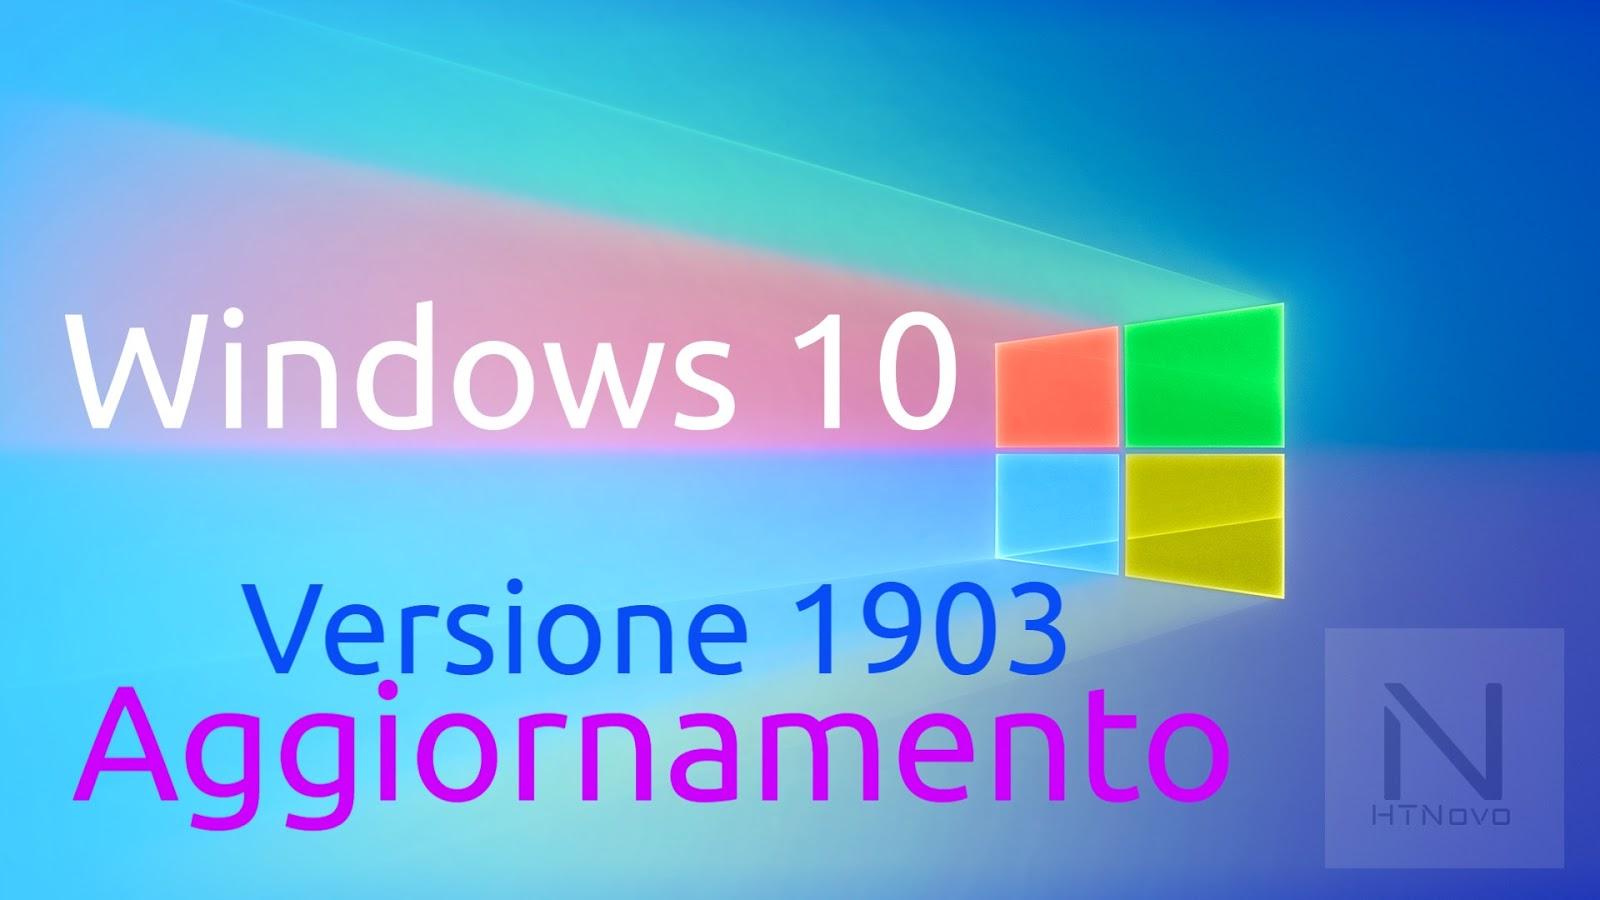 Aggiornamento-Windows-10-versione-1903-Build-18362.207